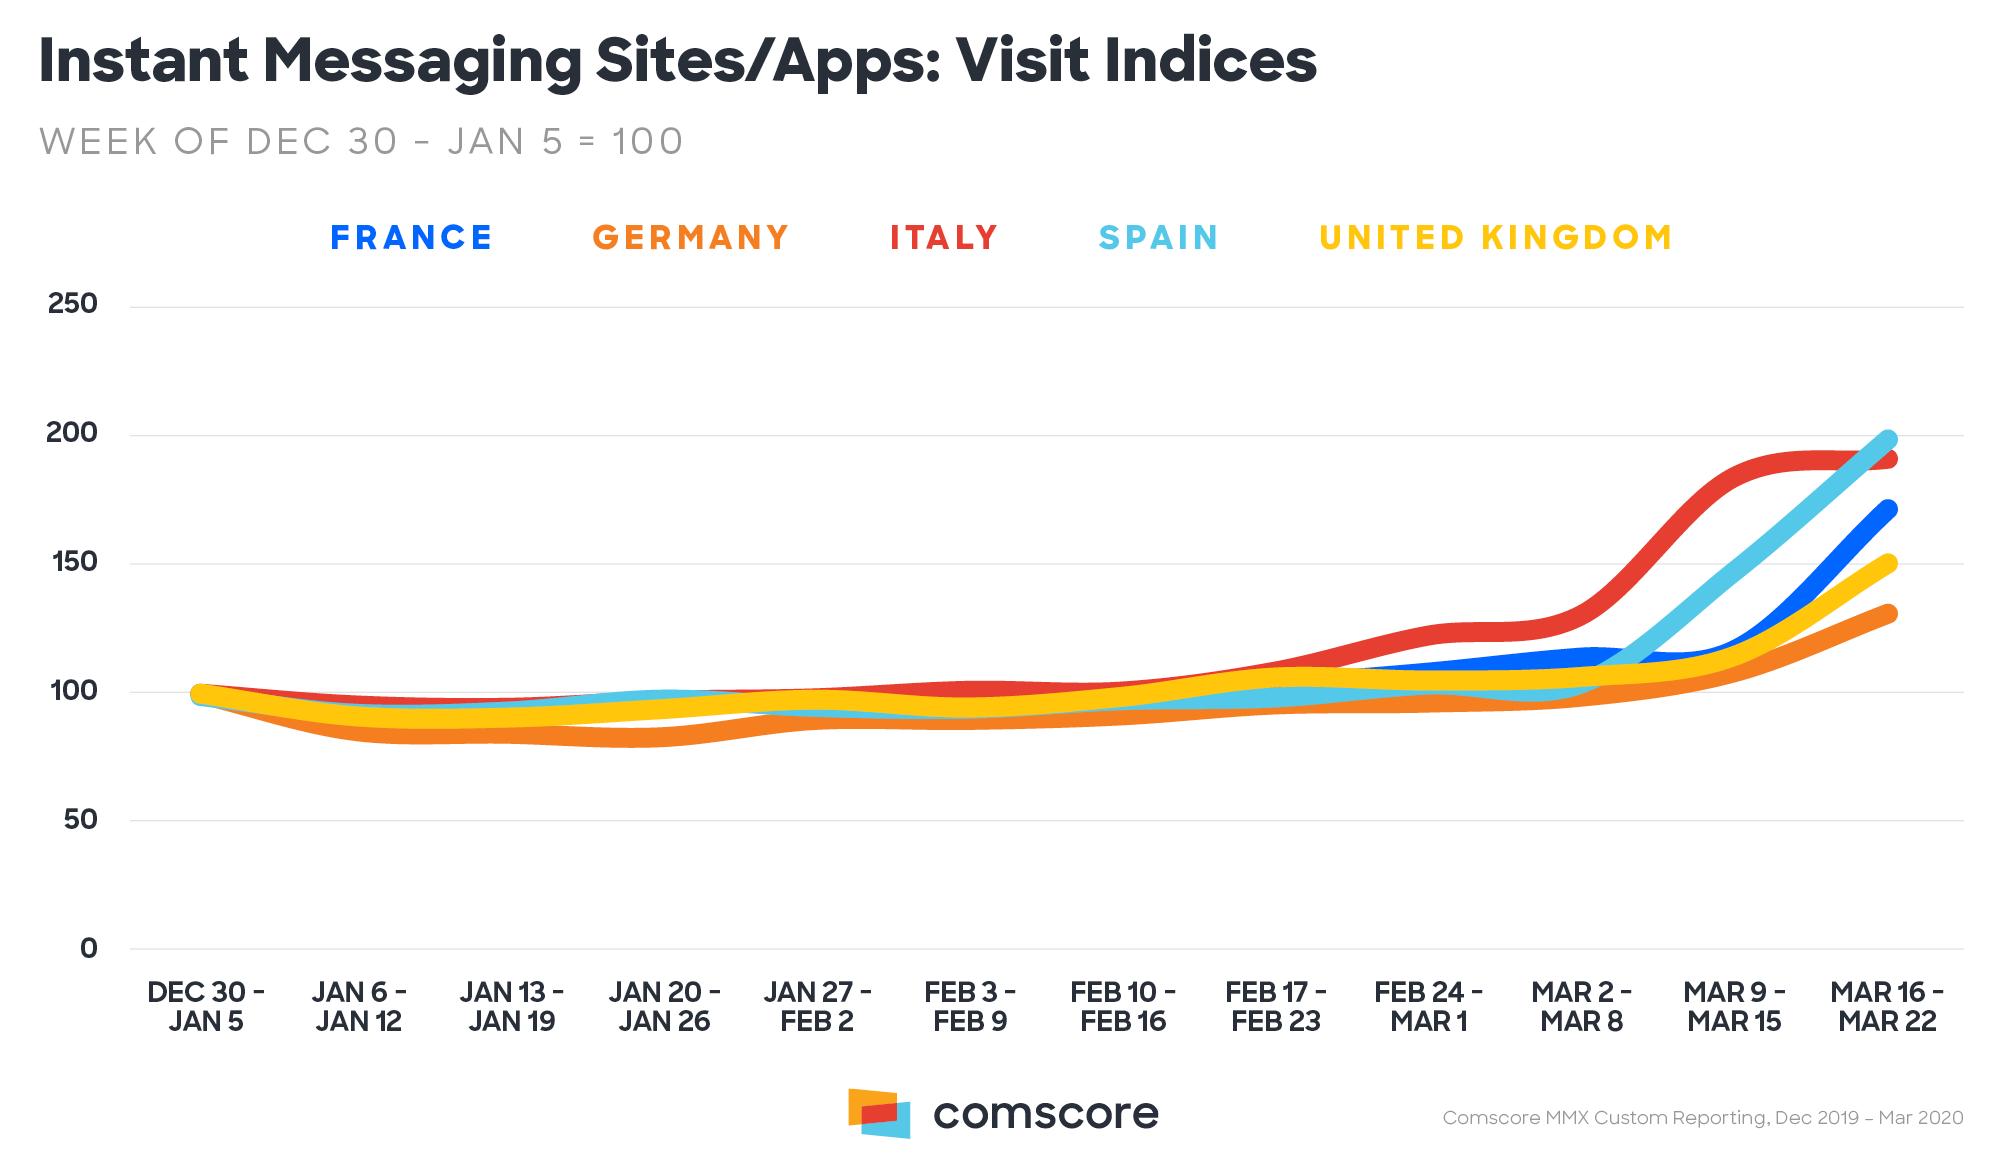 Messaggistica istantenea - siti e app